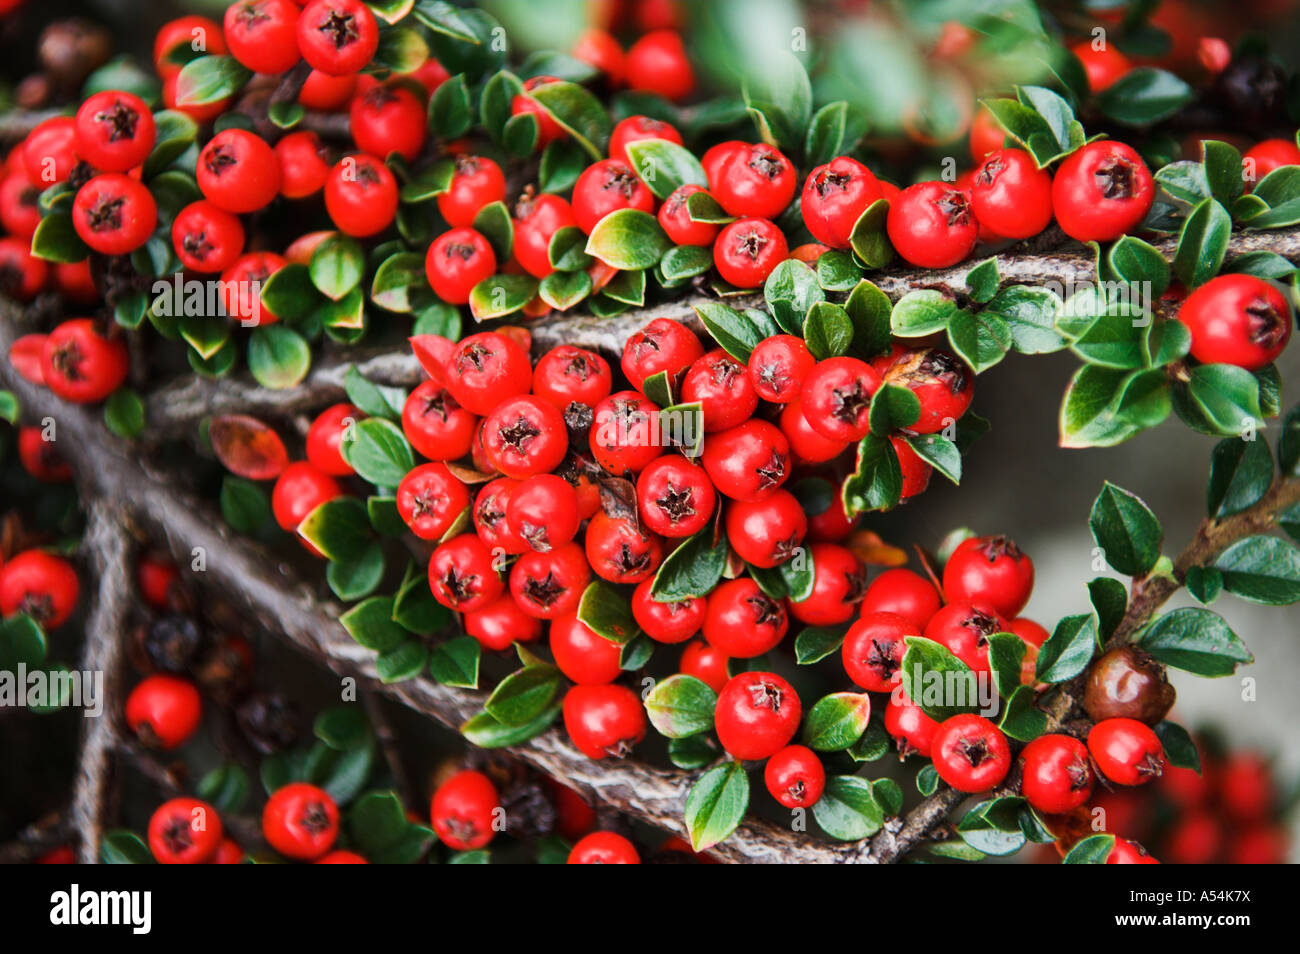 Albero Con Bacche Rosse cotoneaster horizontalis arbusto con bacche rosse in autunno